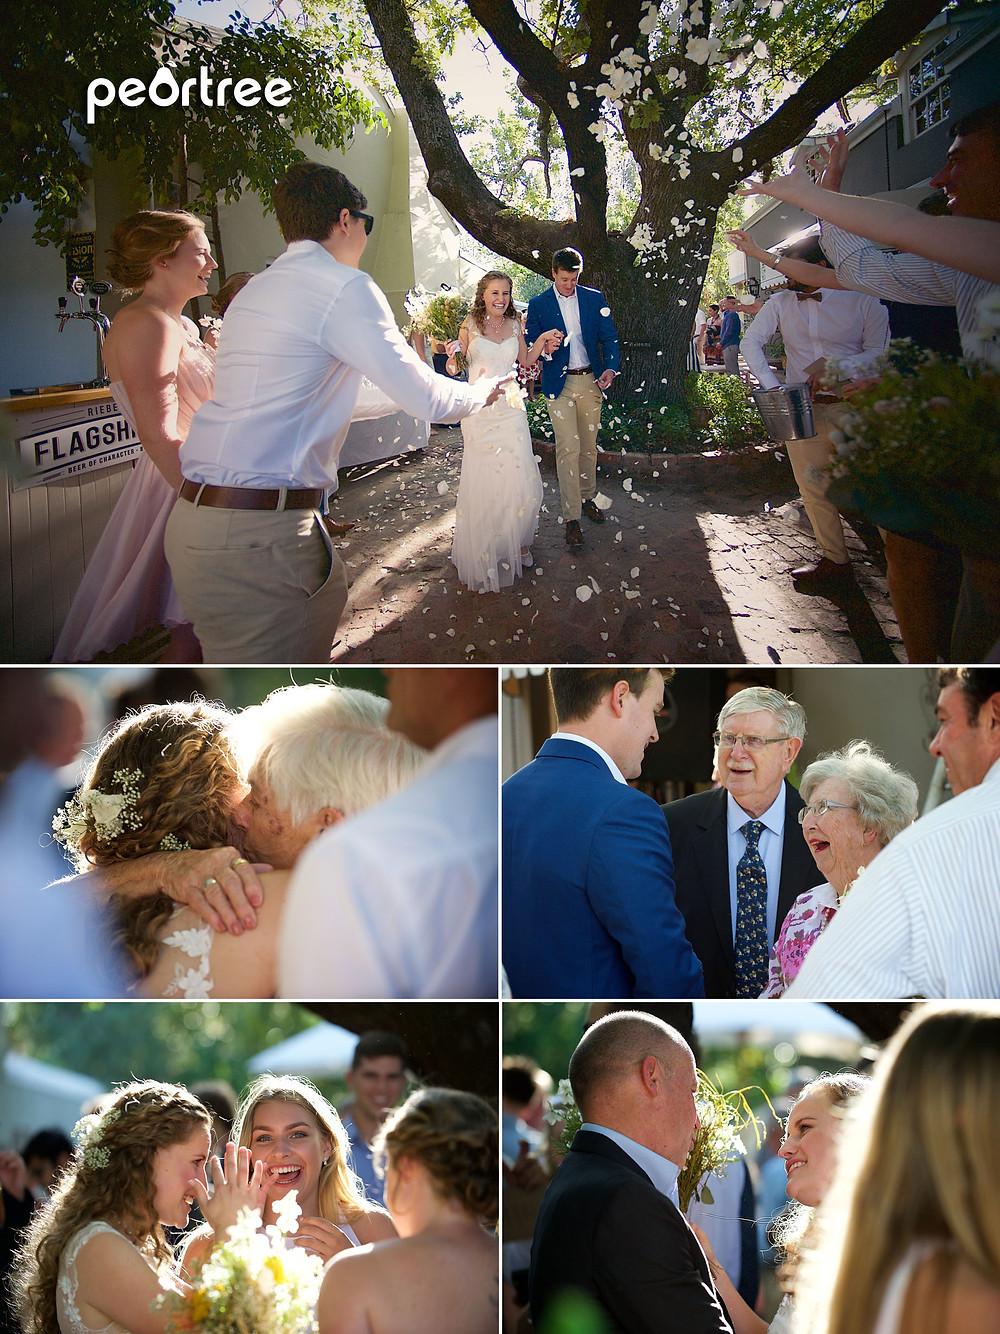 riebeeck-kasteel-wedding-14